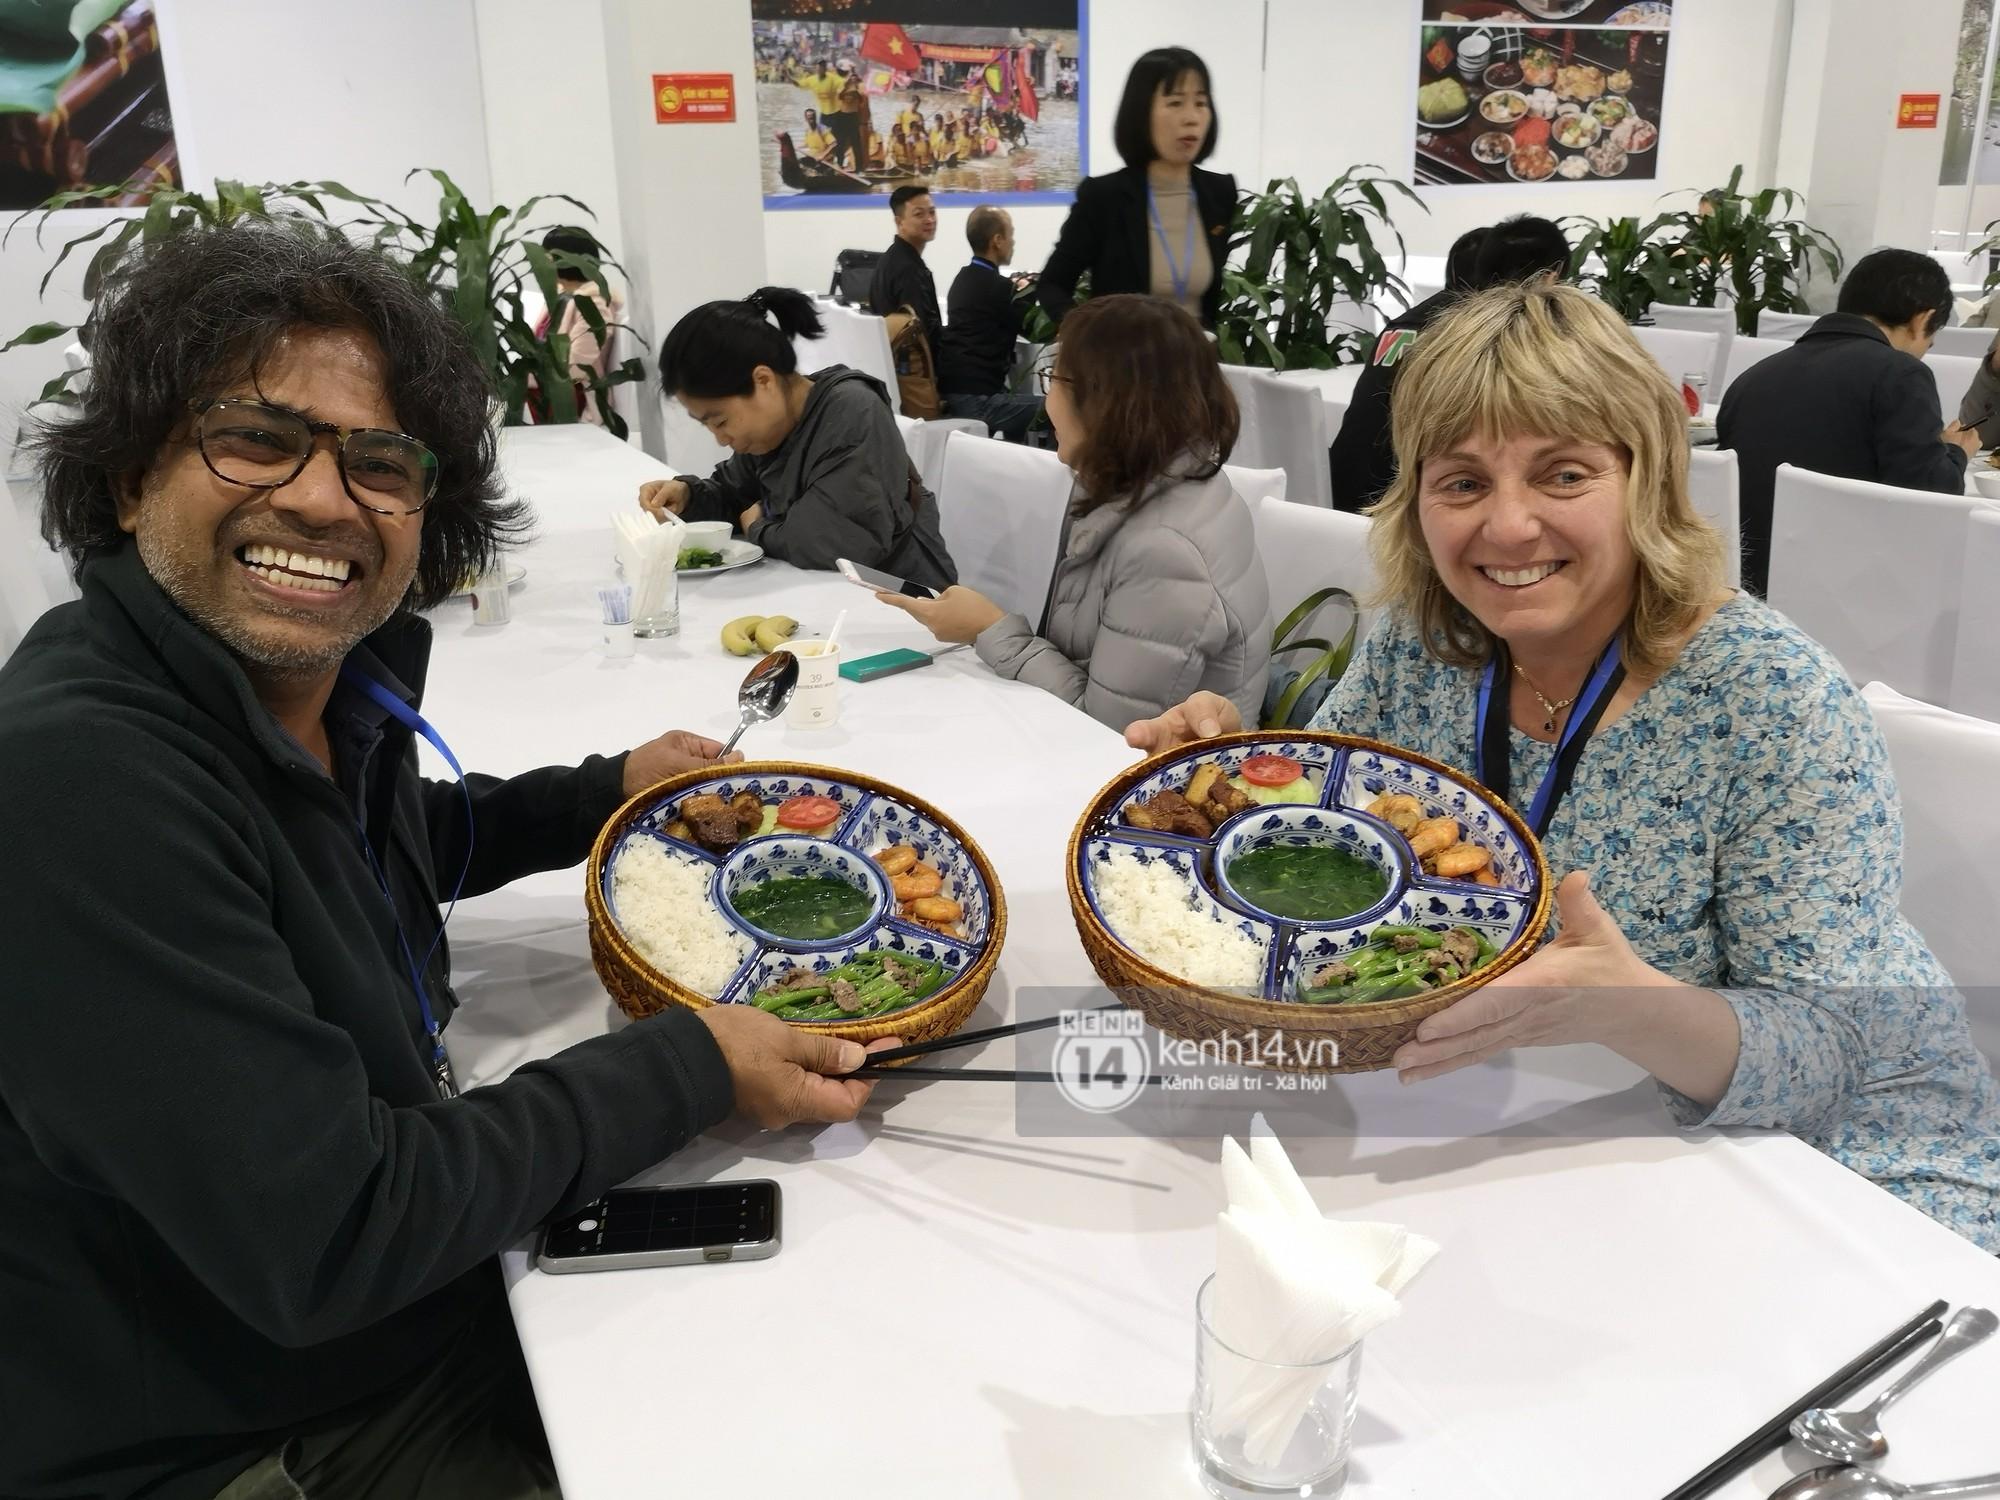 Phóng viên các nước hào hứng khi được thưởng thức ẩm thực nổi tiếng Hà thành tại trung tâm báo chí quốc tế hội nghị thượng đỉnh Mỹ - Triều - Ảnh 9.